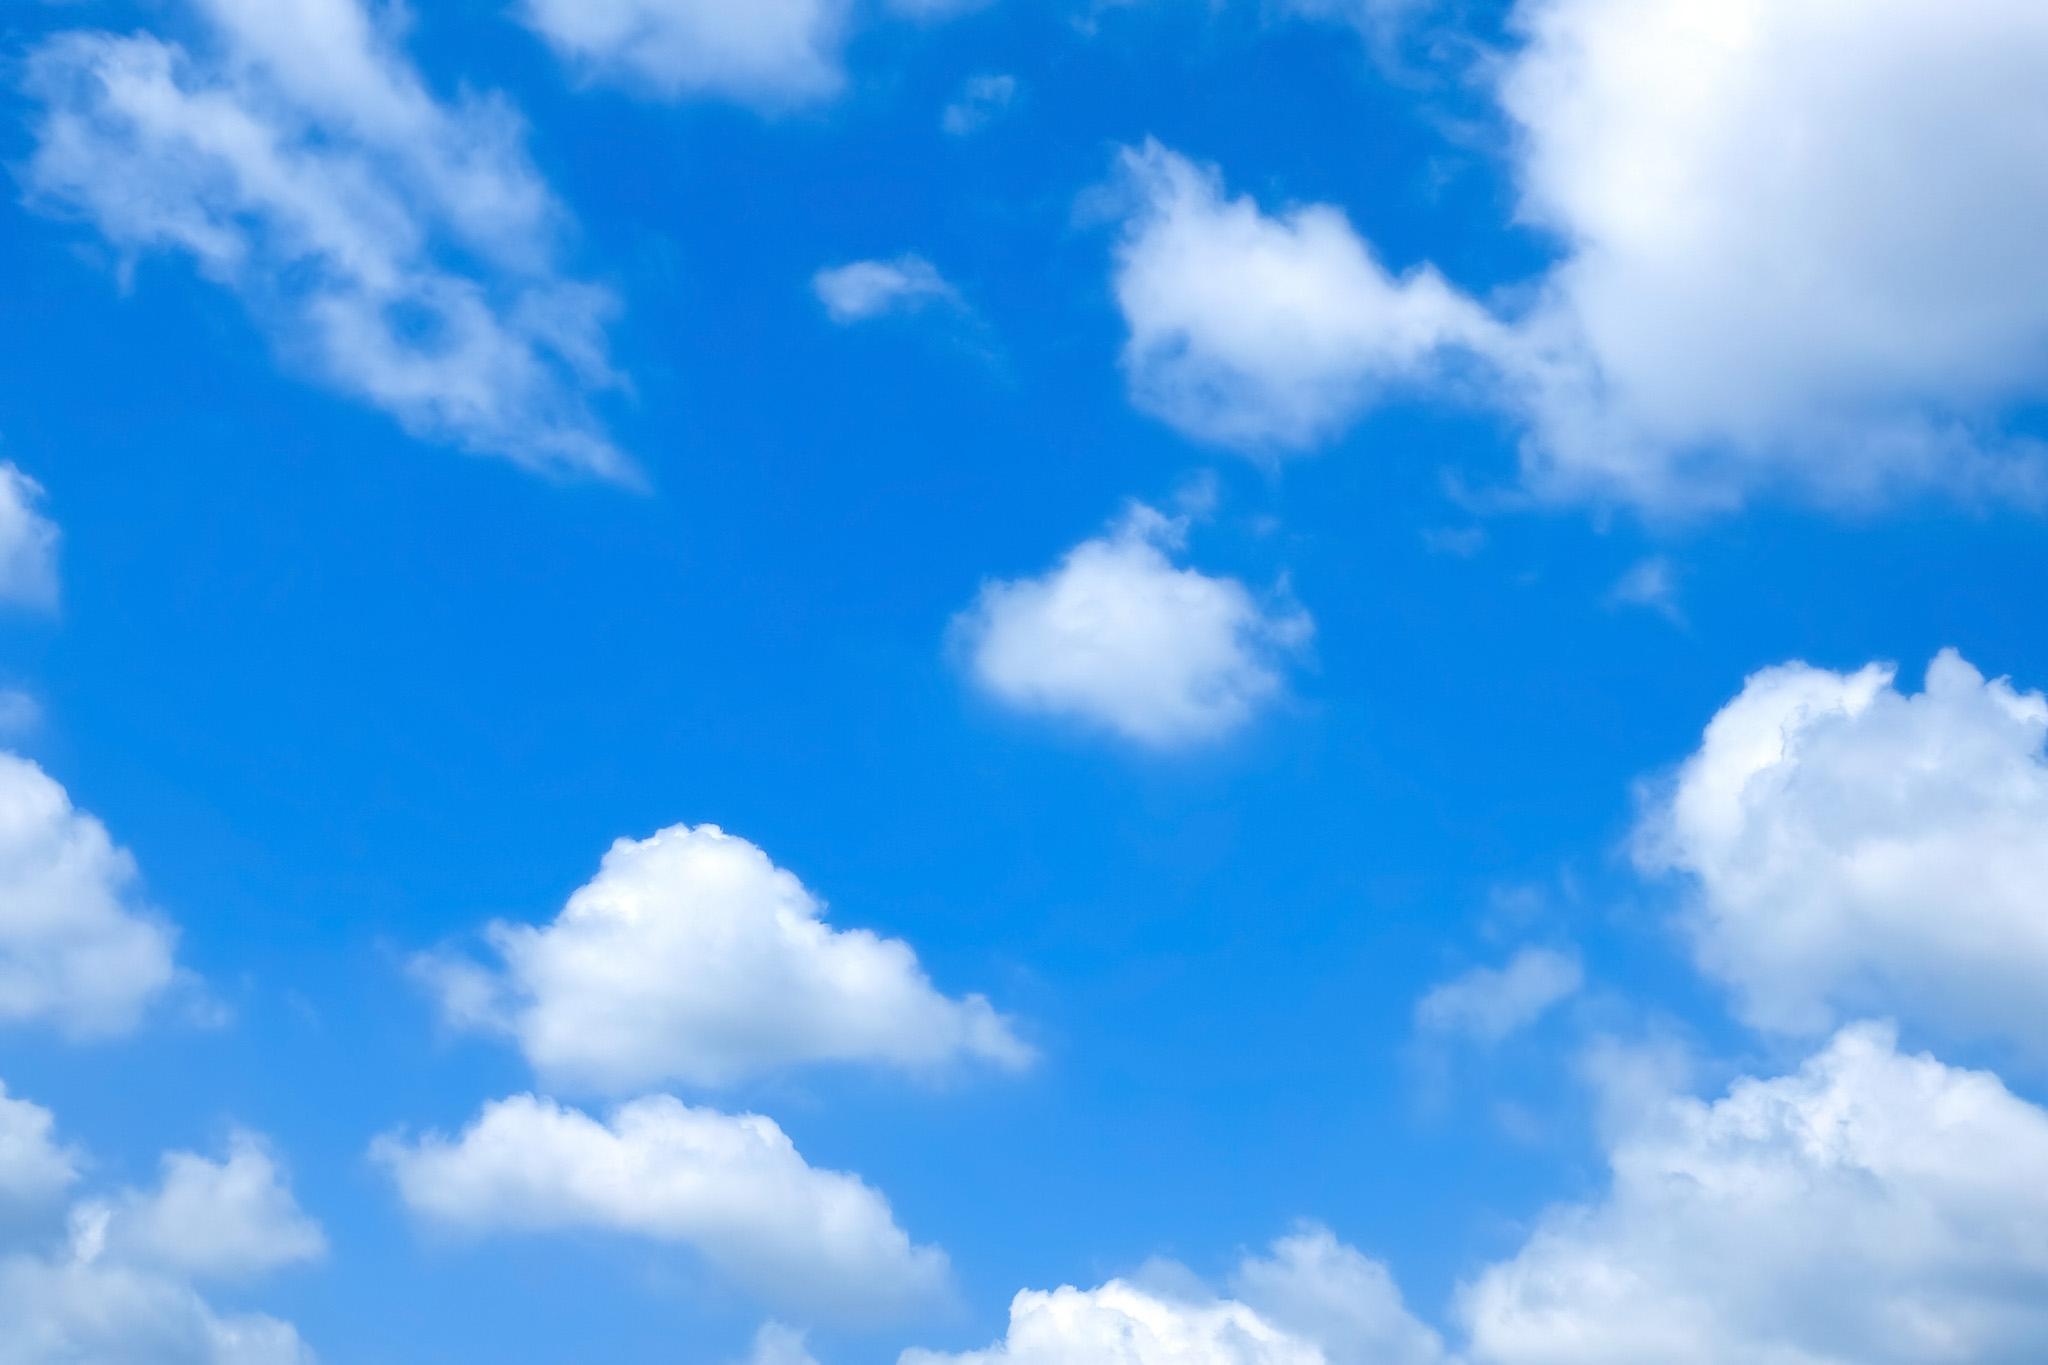 綿菓子みたいな雲と青空背景